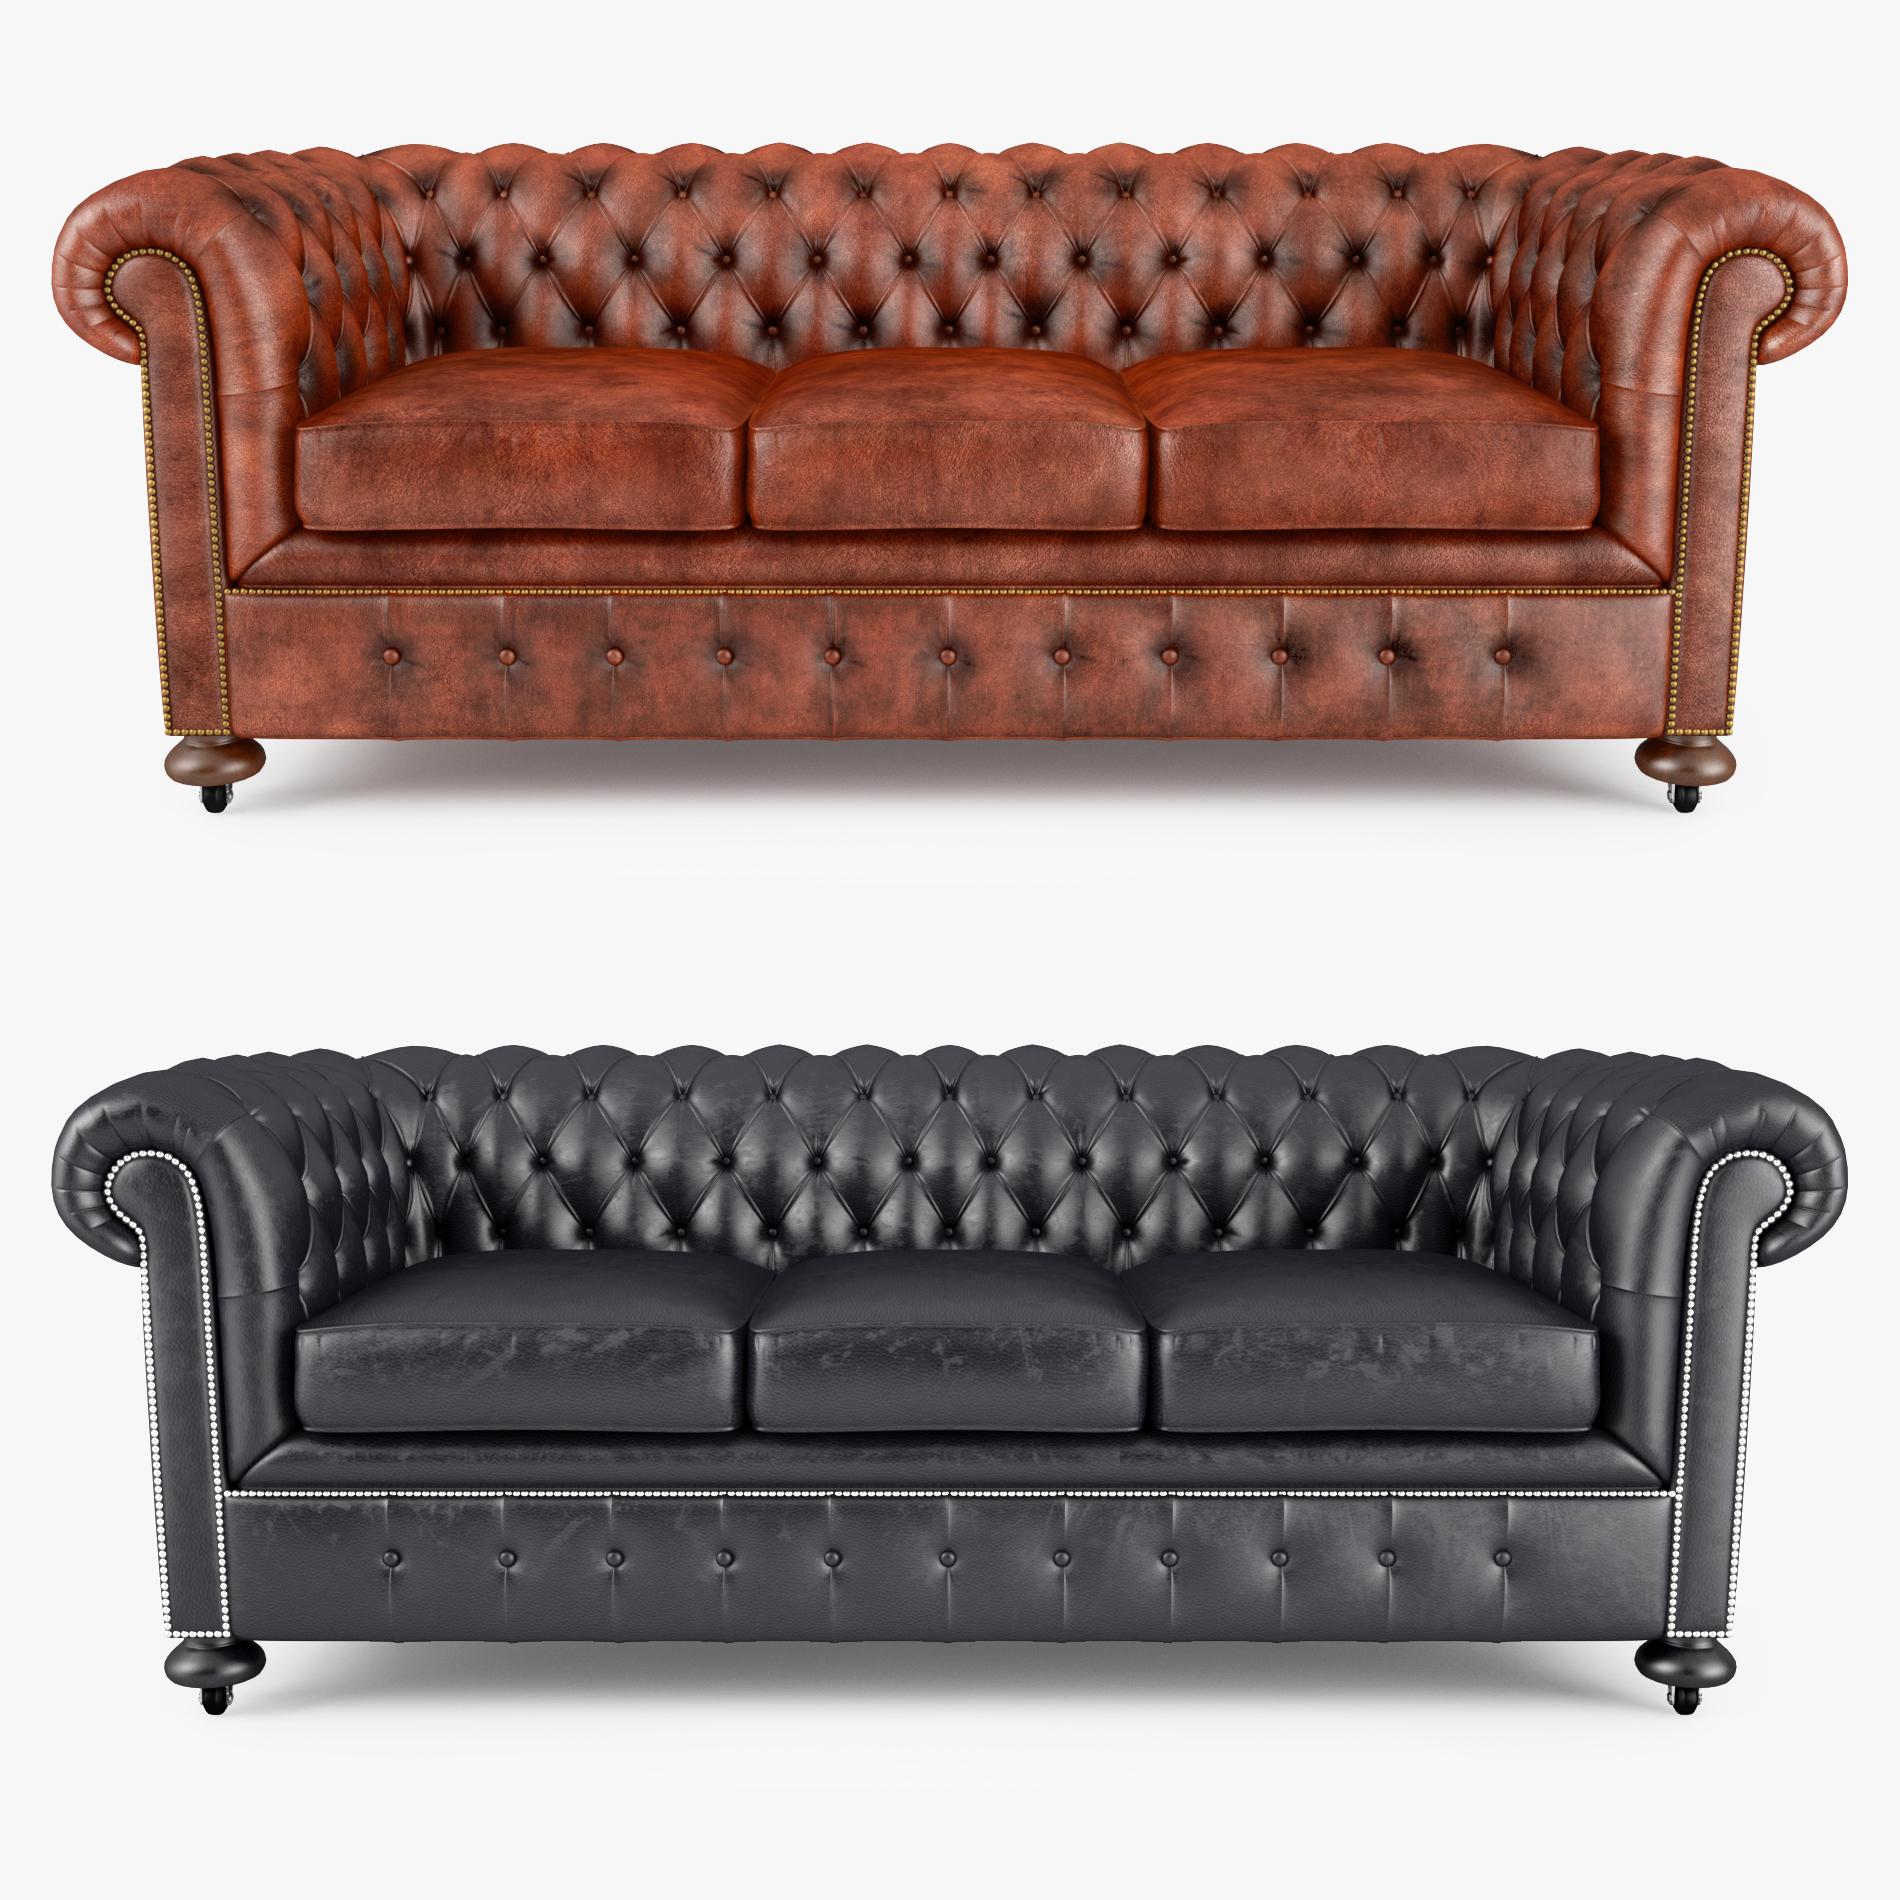 William Blake Chesterfield Sofa william blake chesterfield sofa